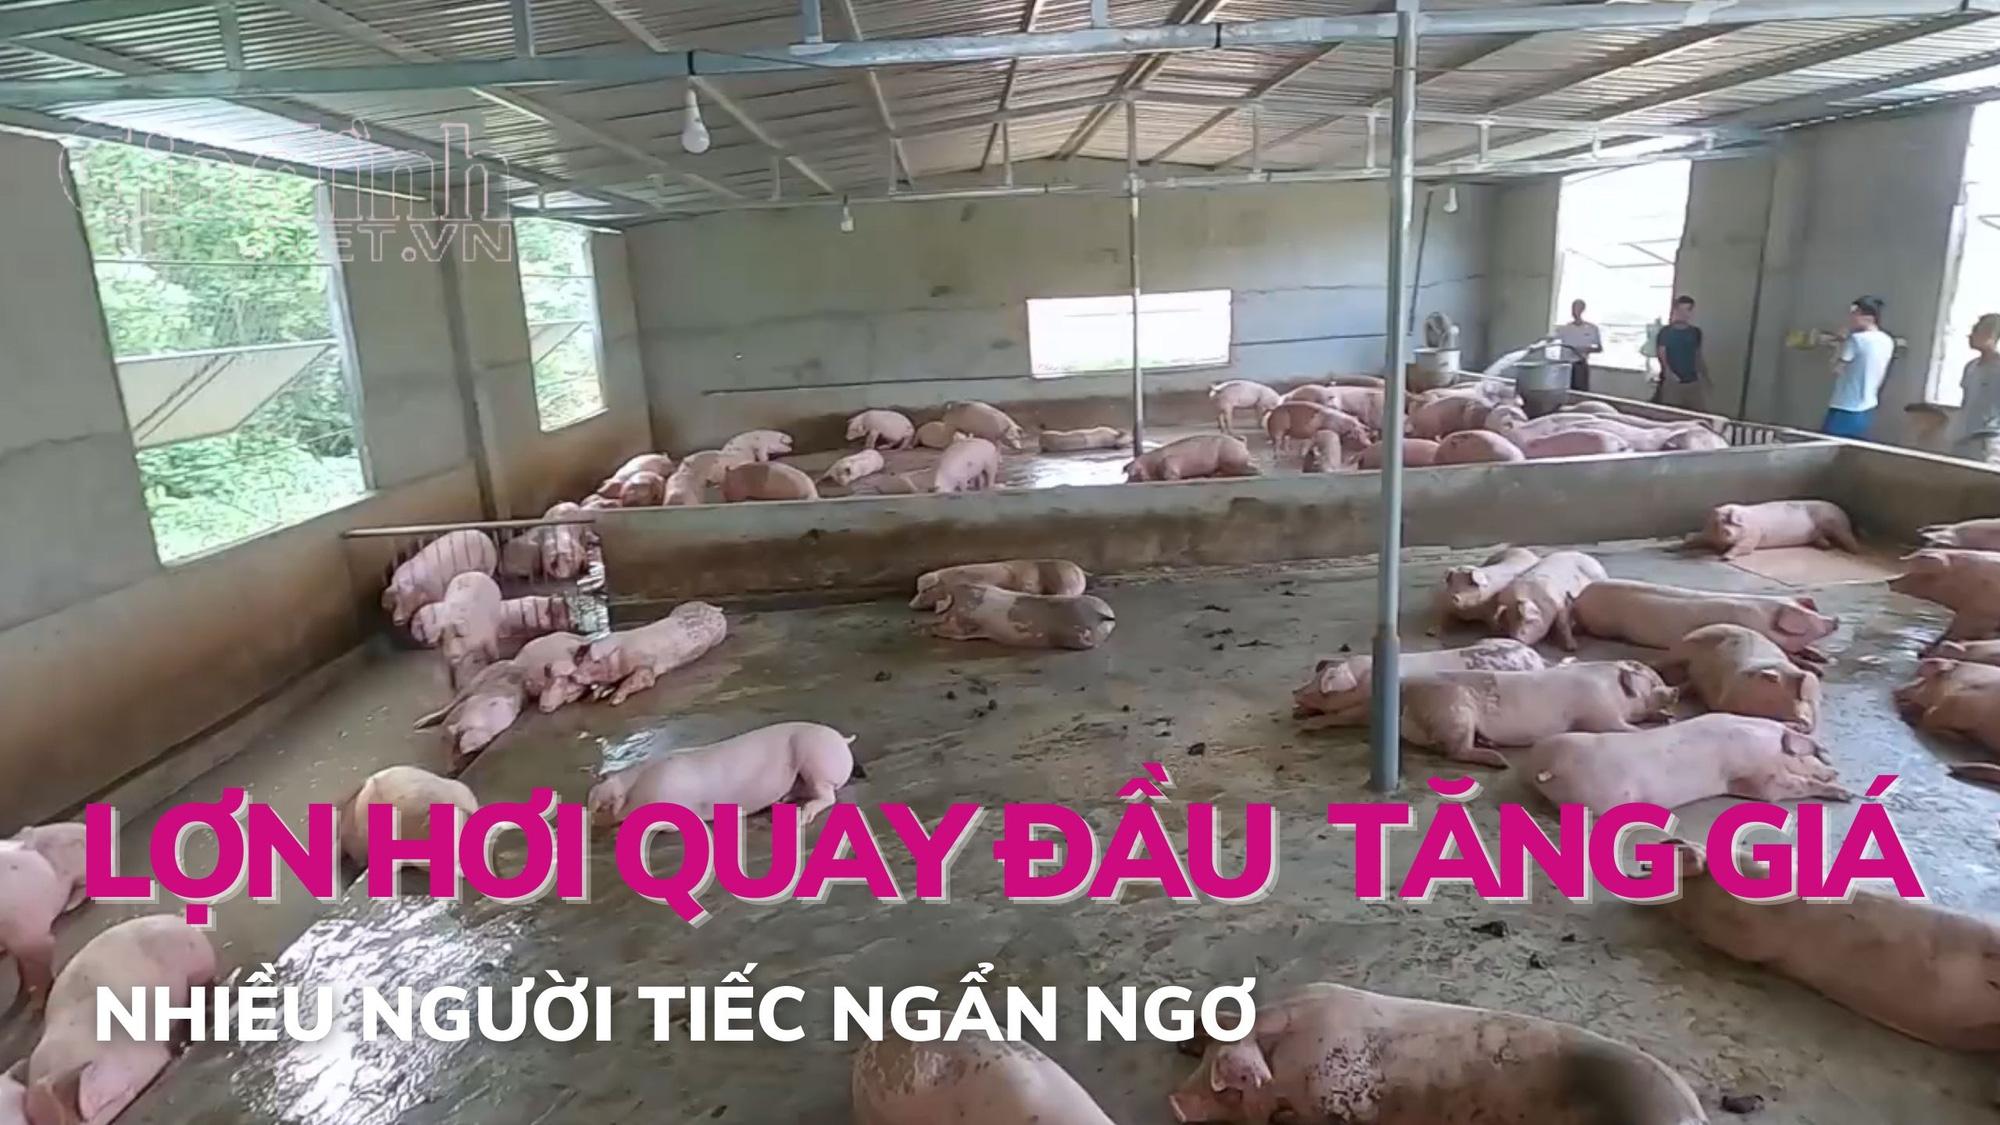 Lợn hơi quay đầu tăng giá, nhiều người tiếc ngẩn ngơ